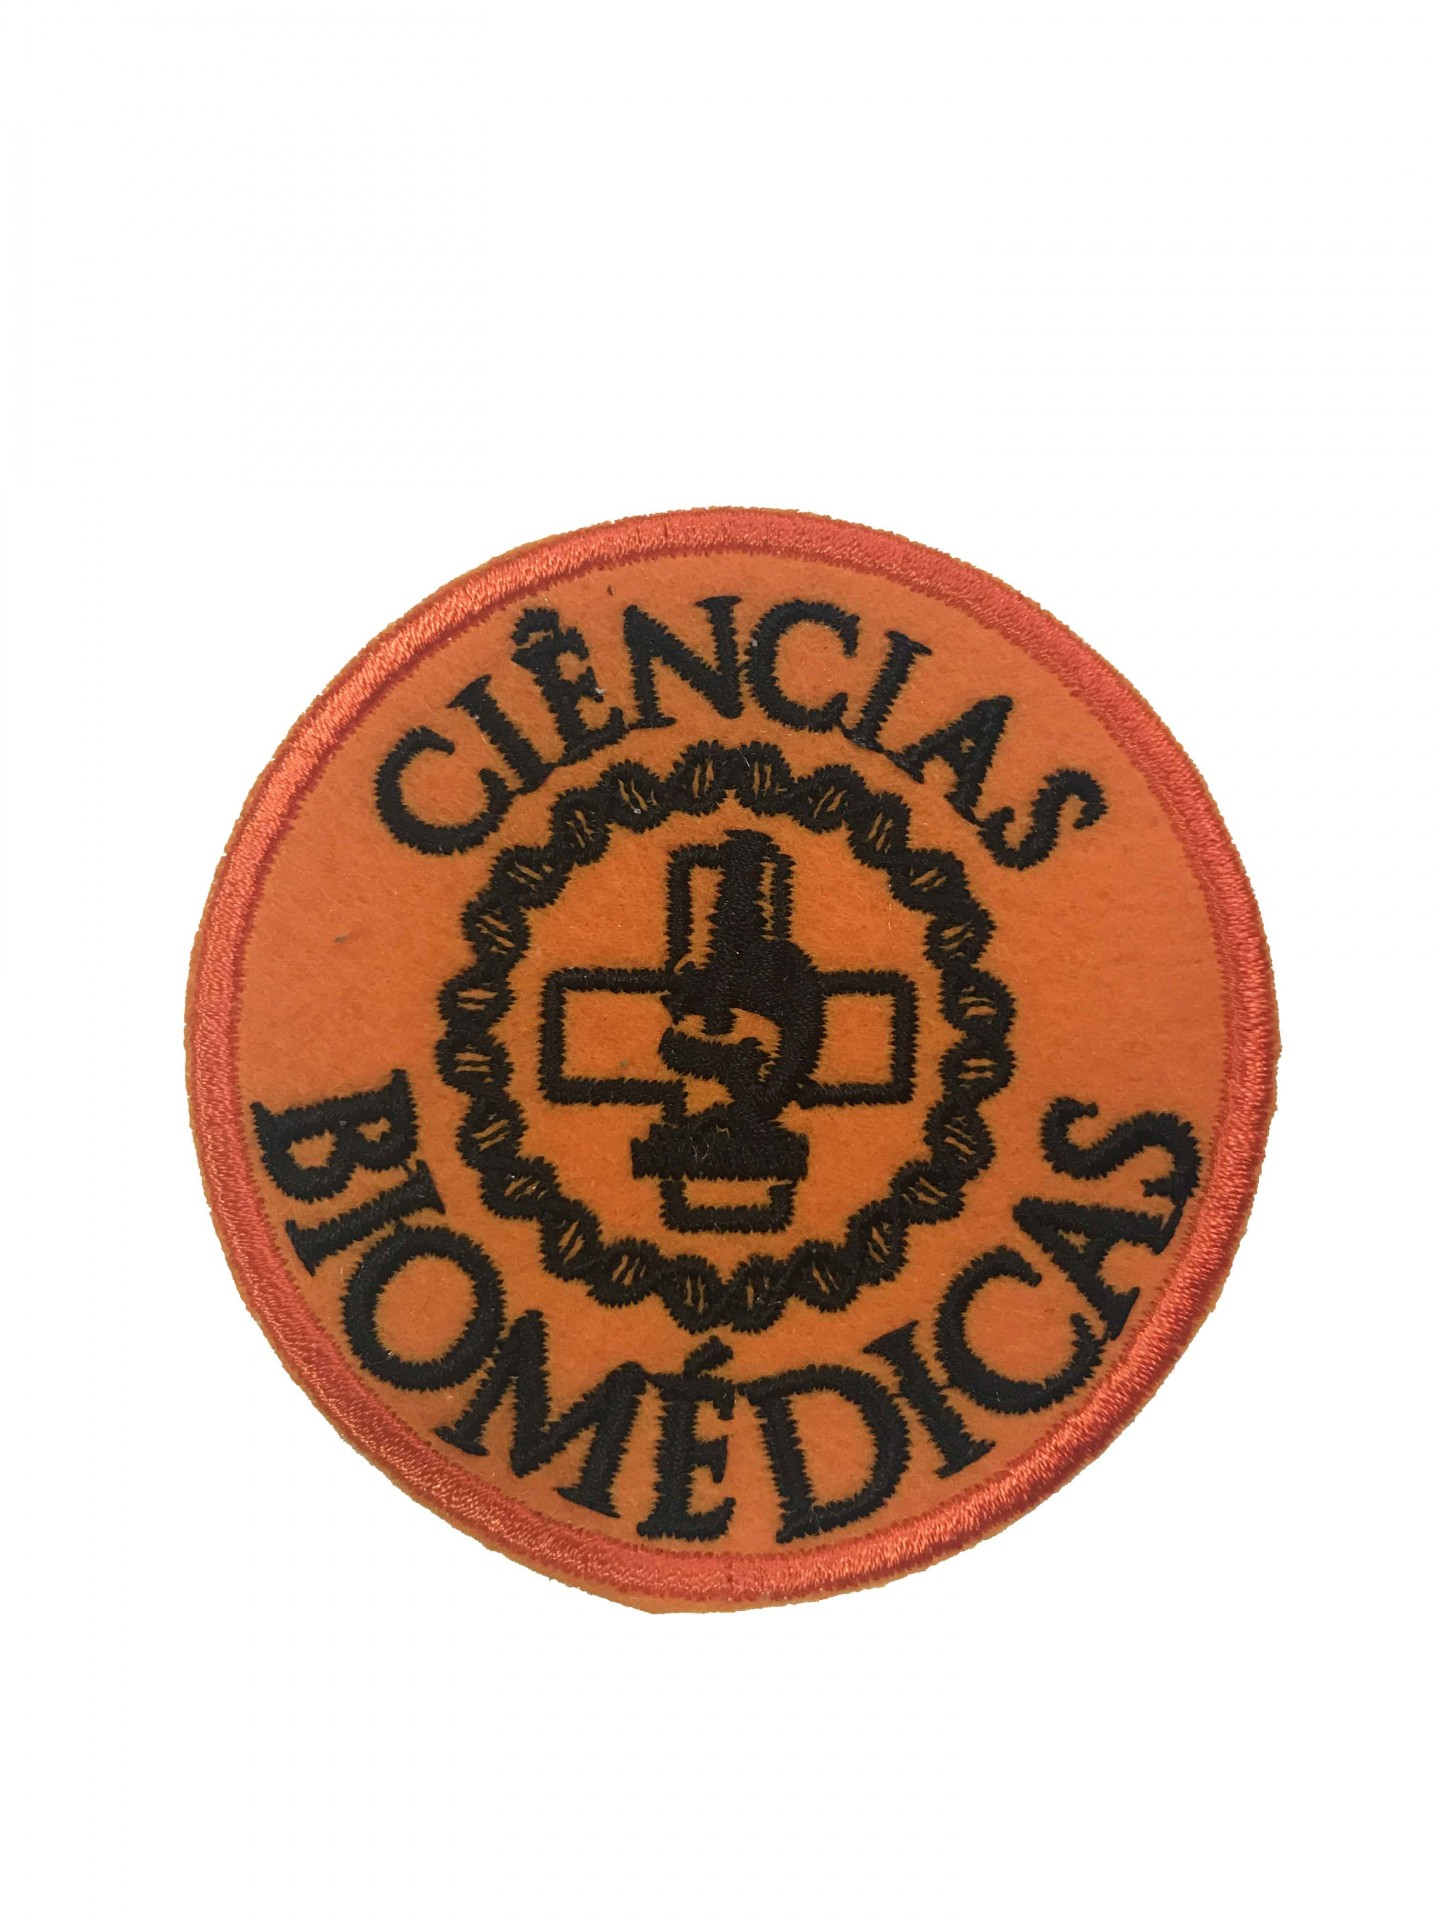 Emblema Ciências Biomédicas